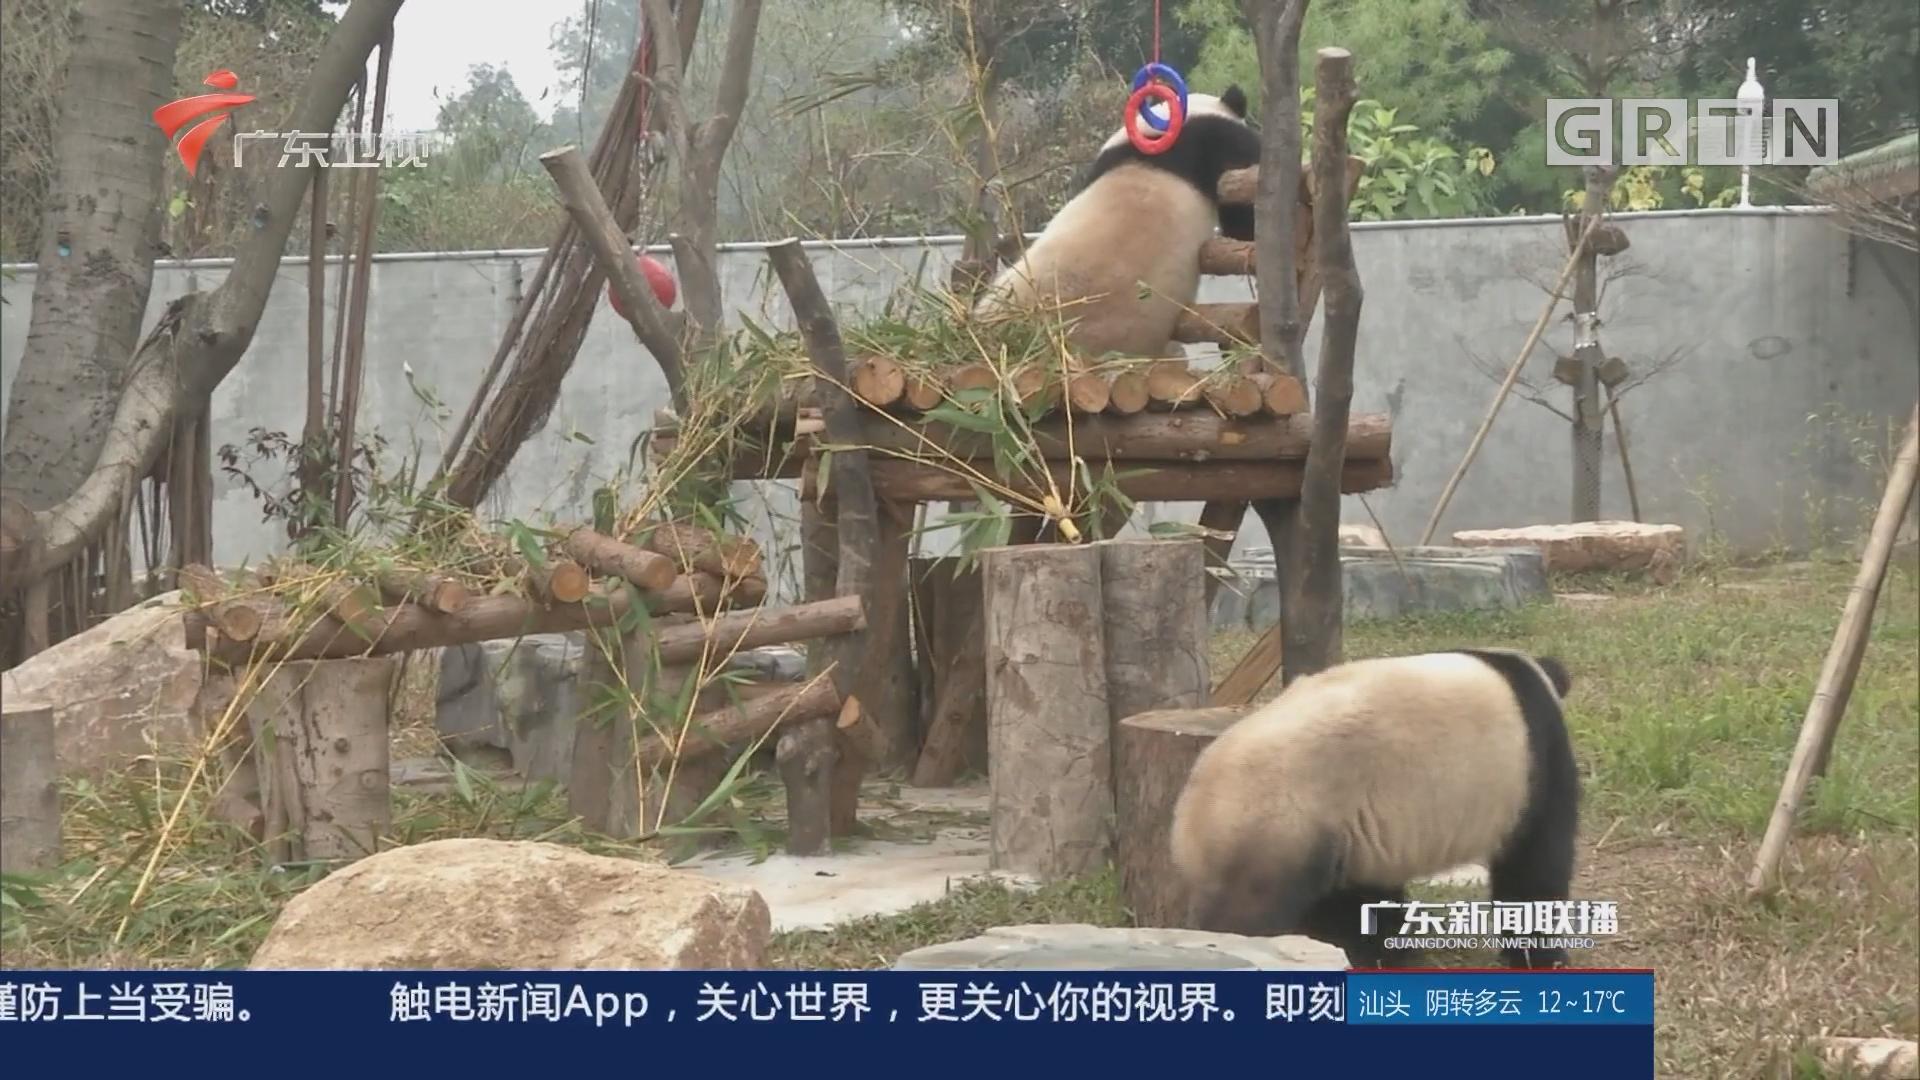 广州动物园大熊猫馆重新开放